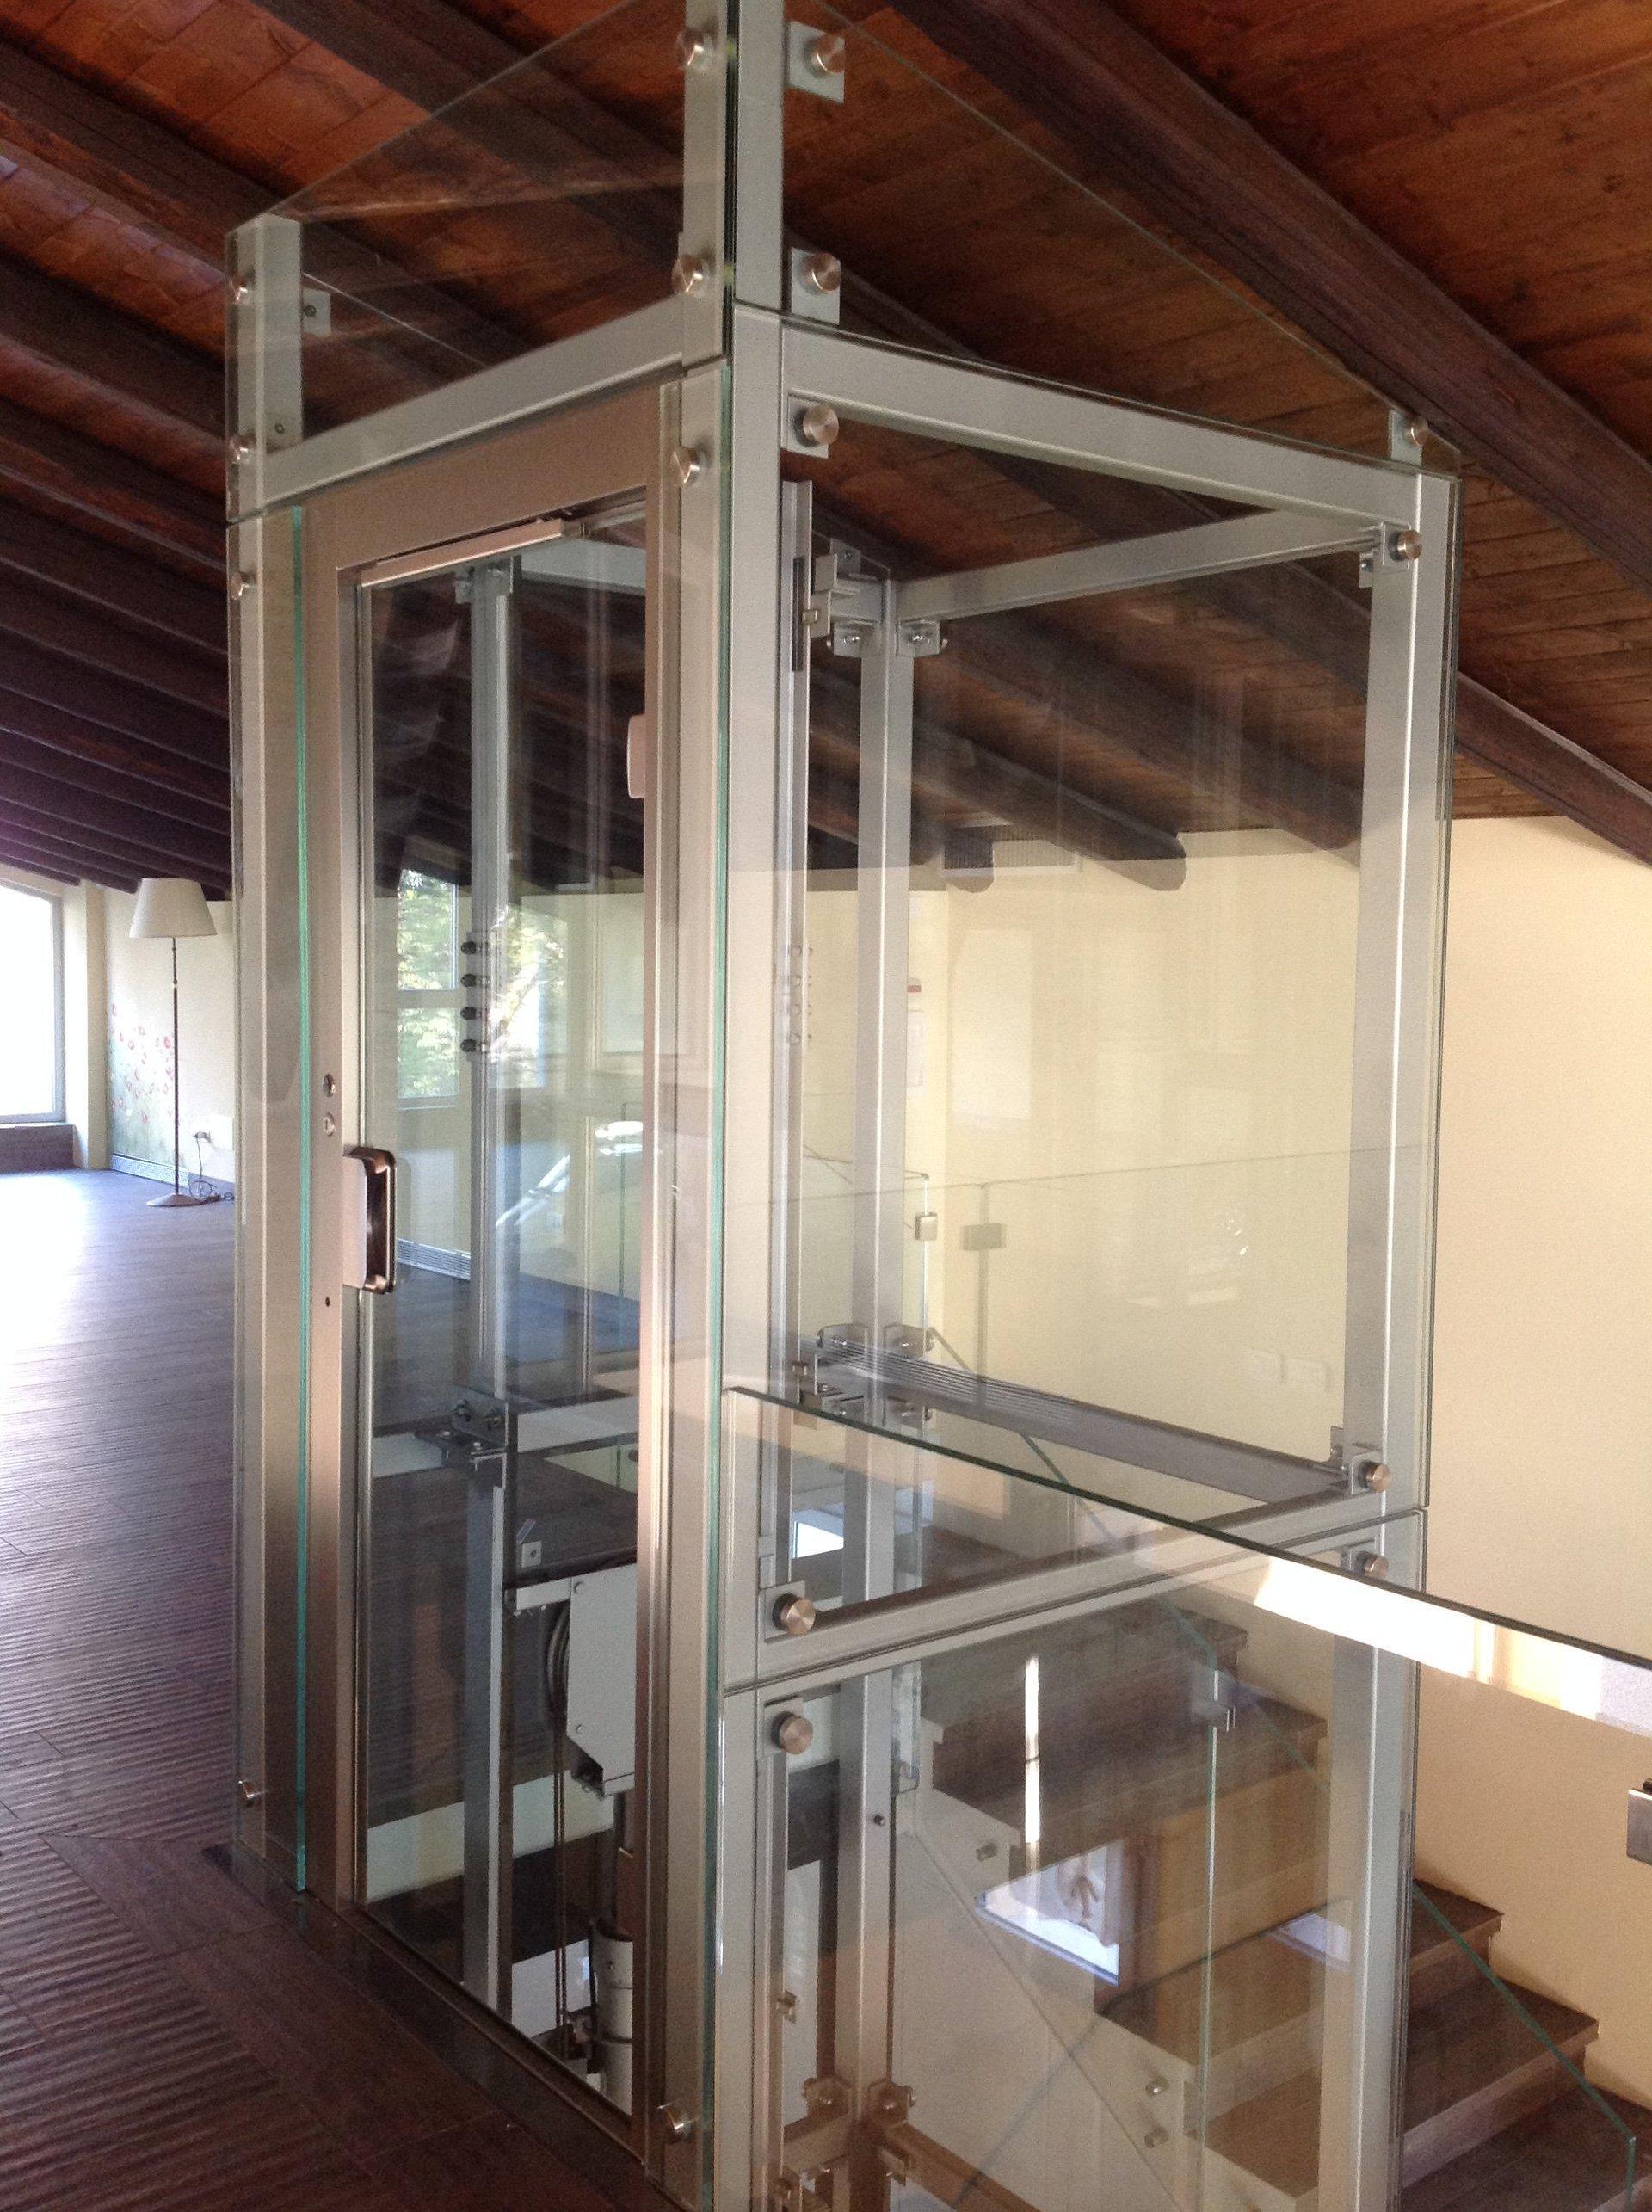 appartamento con passerella e vetro ascensore aperto-vista interna